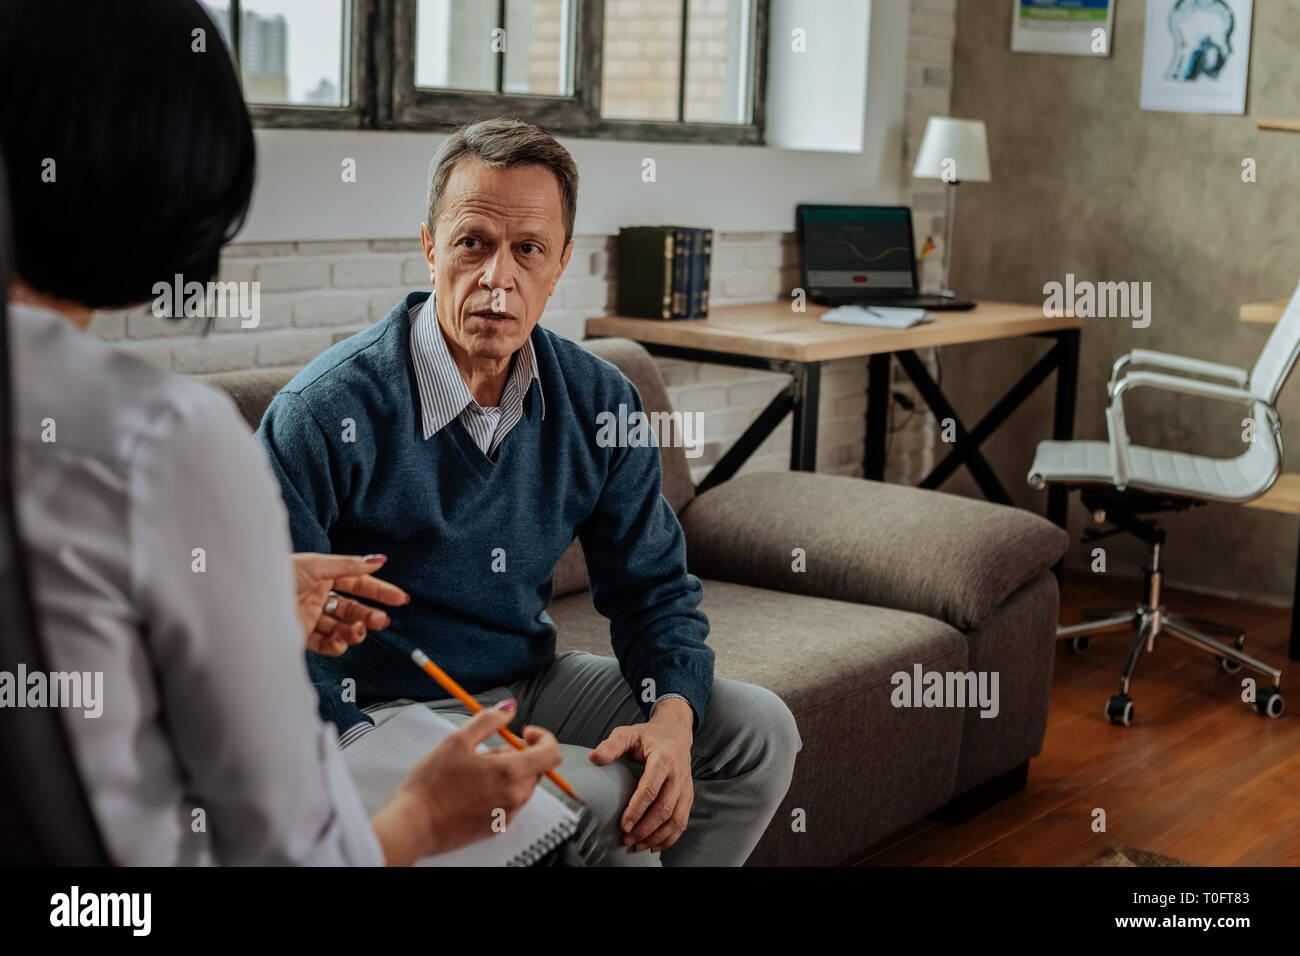 Adultos perturbados guy en Cardigan azul está conmocionada durante la conversión con el doctor Foto de stock